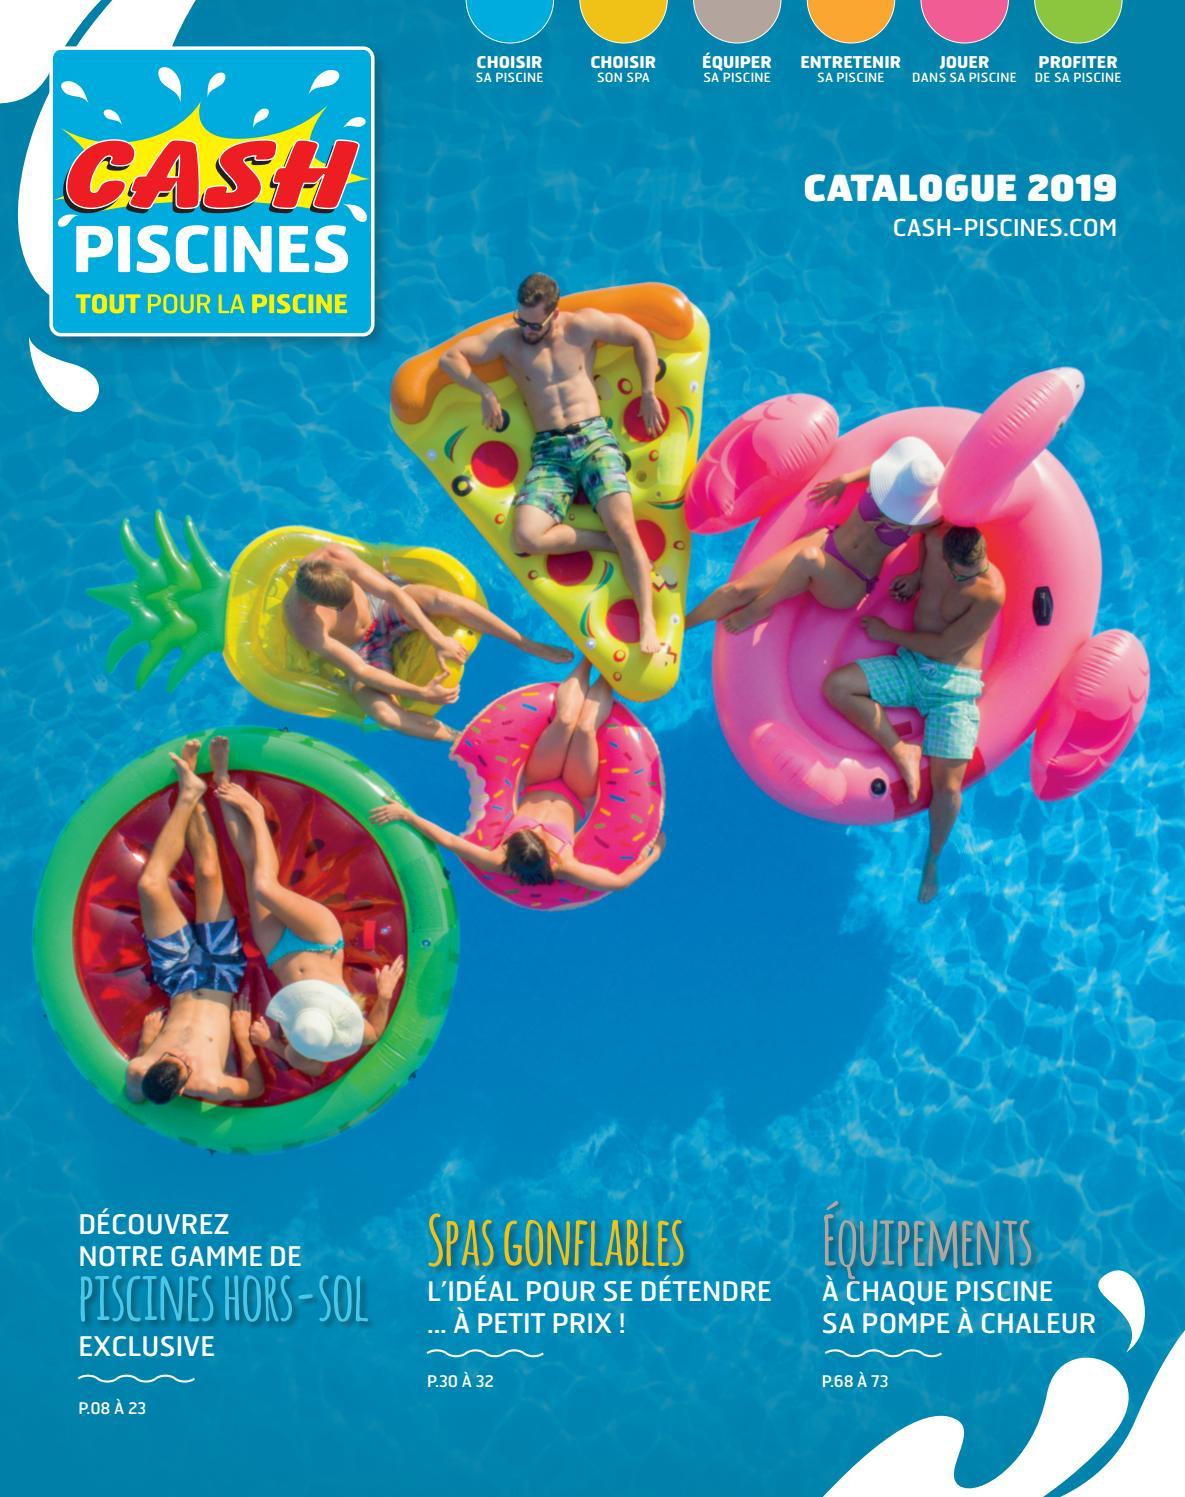 Catalogue Cash Piscines 2019 By Cashpiscines2 - Issuu concernant Cash Piscine Saint Jean D Illac